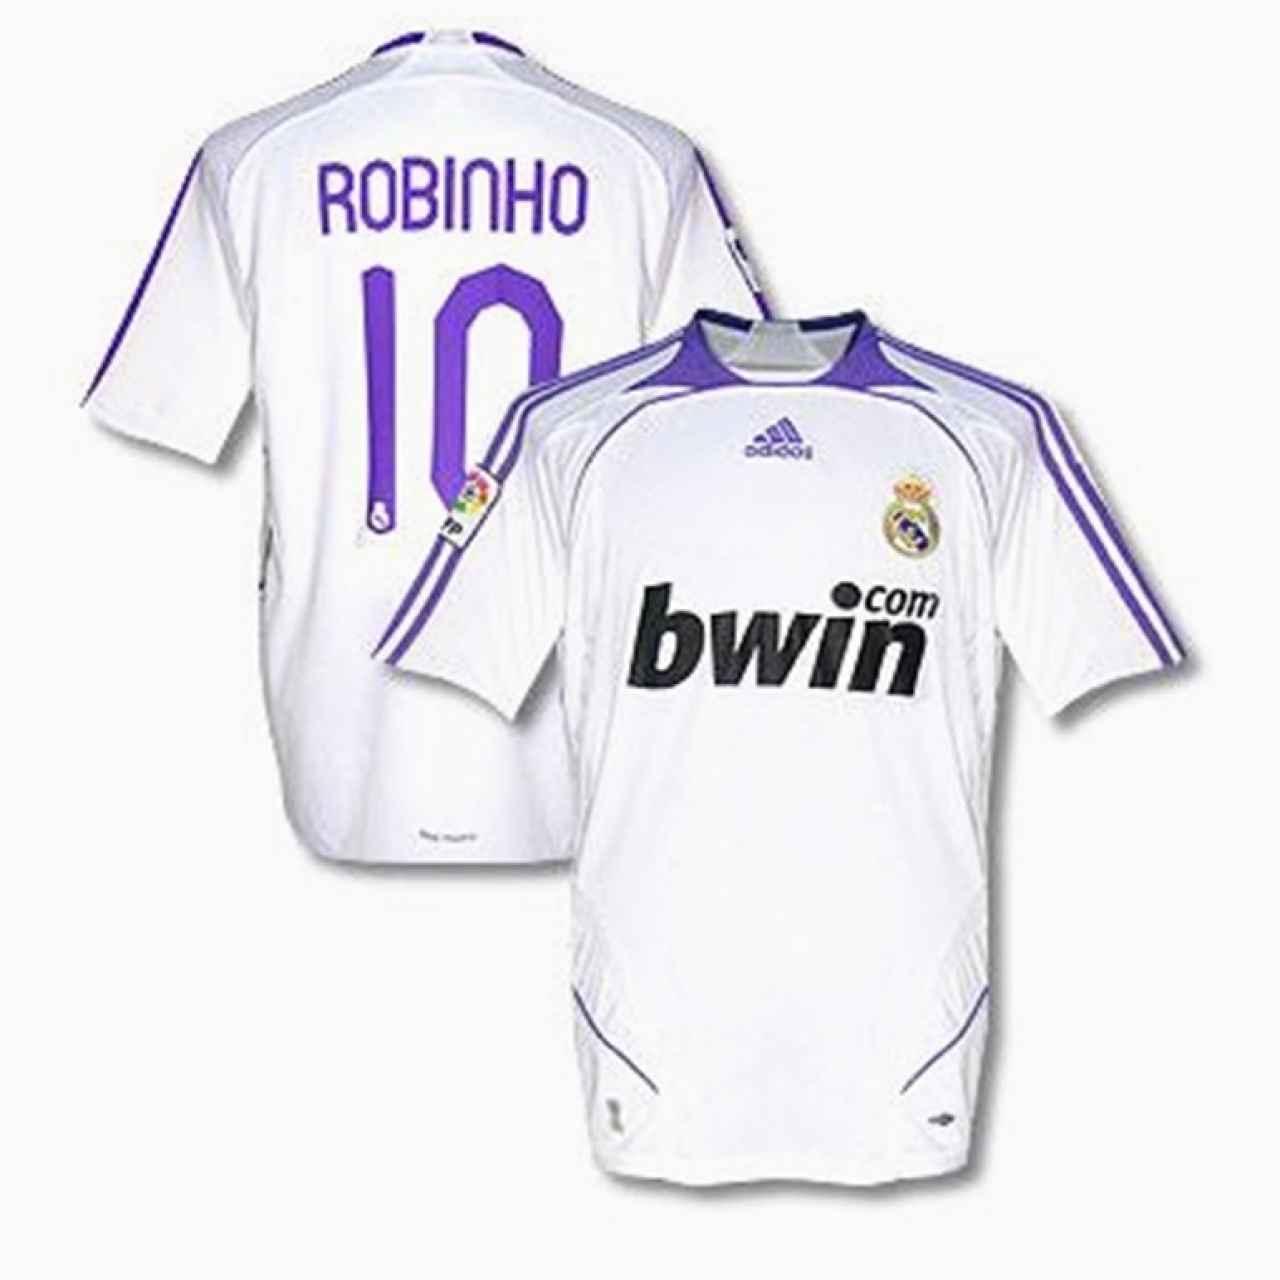 La camiseta del Real Madrid de la temporada 2007/2008